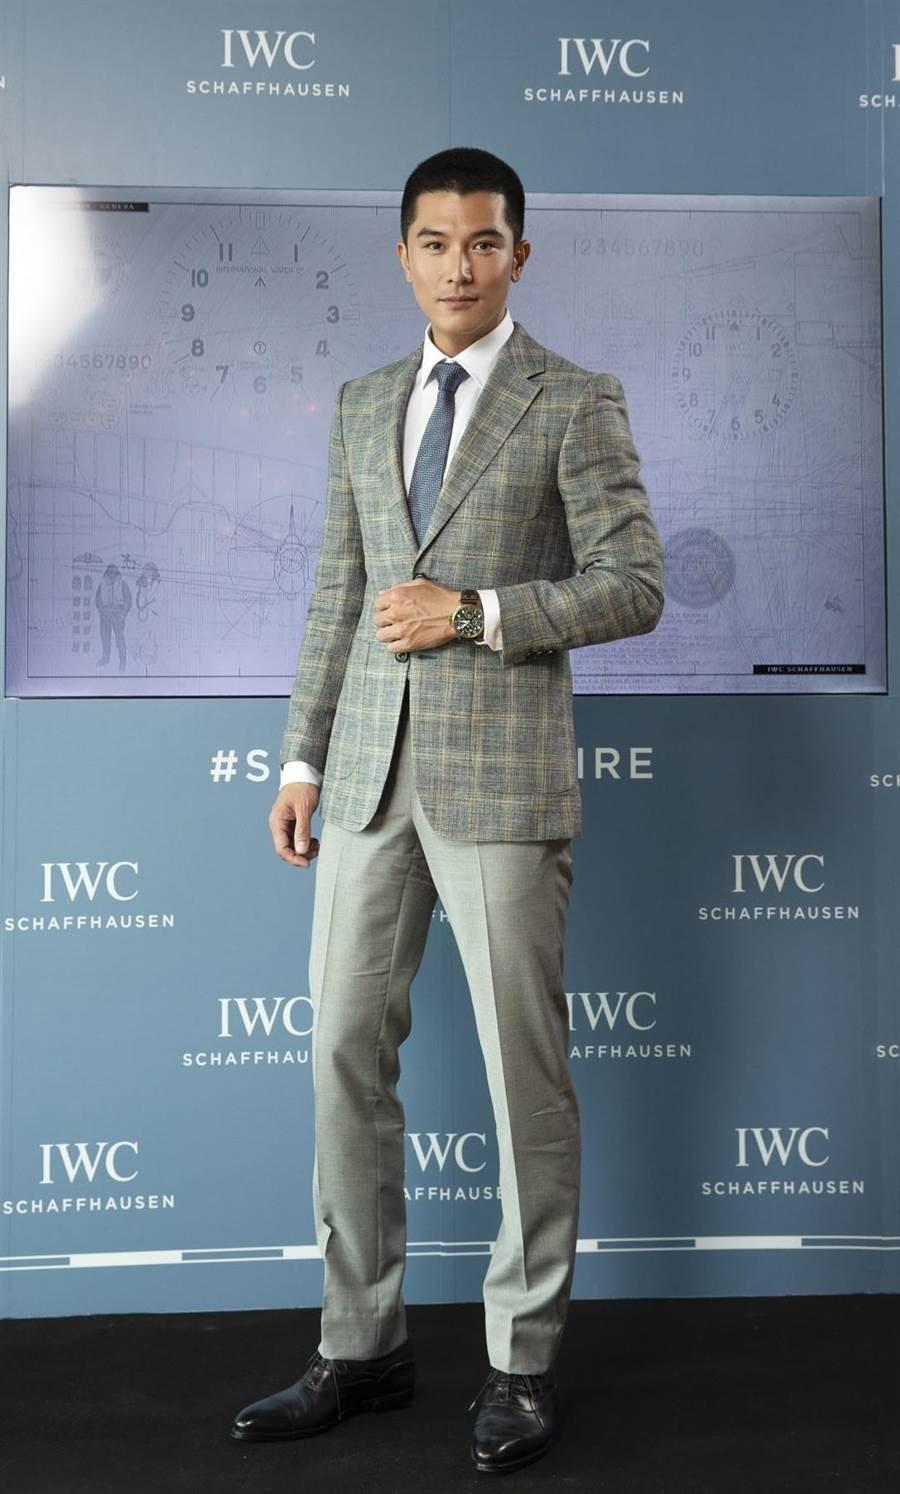 邱澤出席IWC飛行員系列新品發表會,帥氣爆棚。(IWC提供)